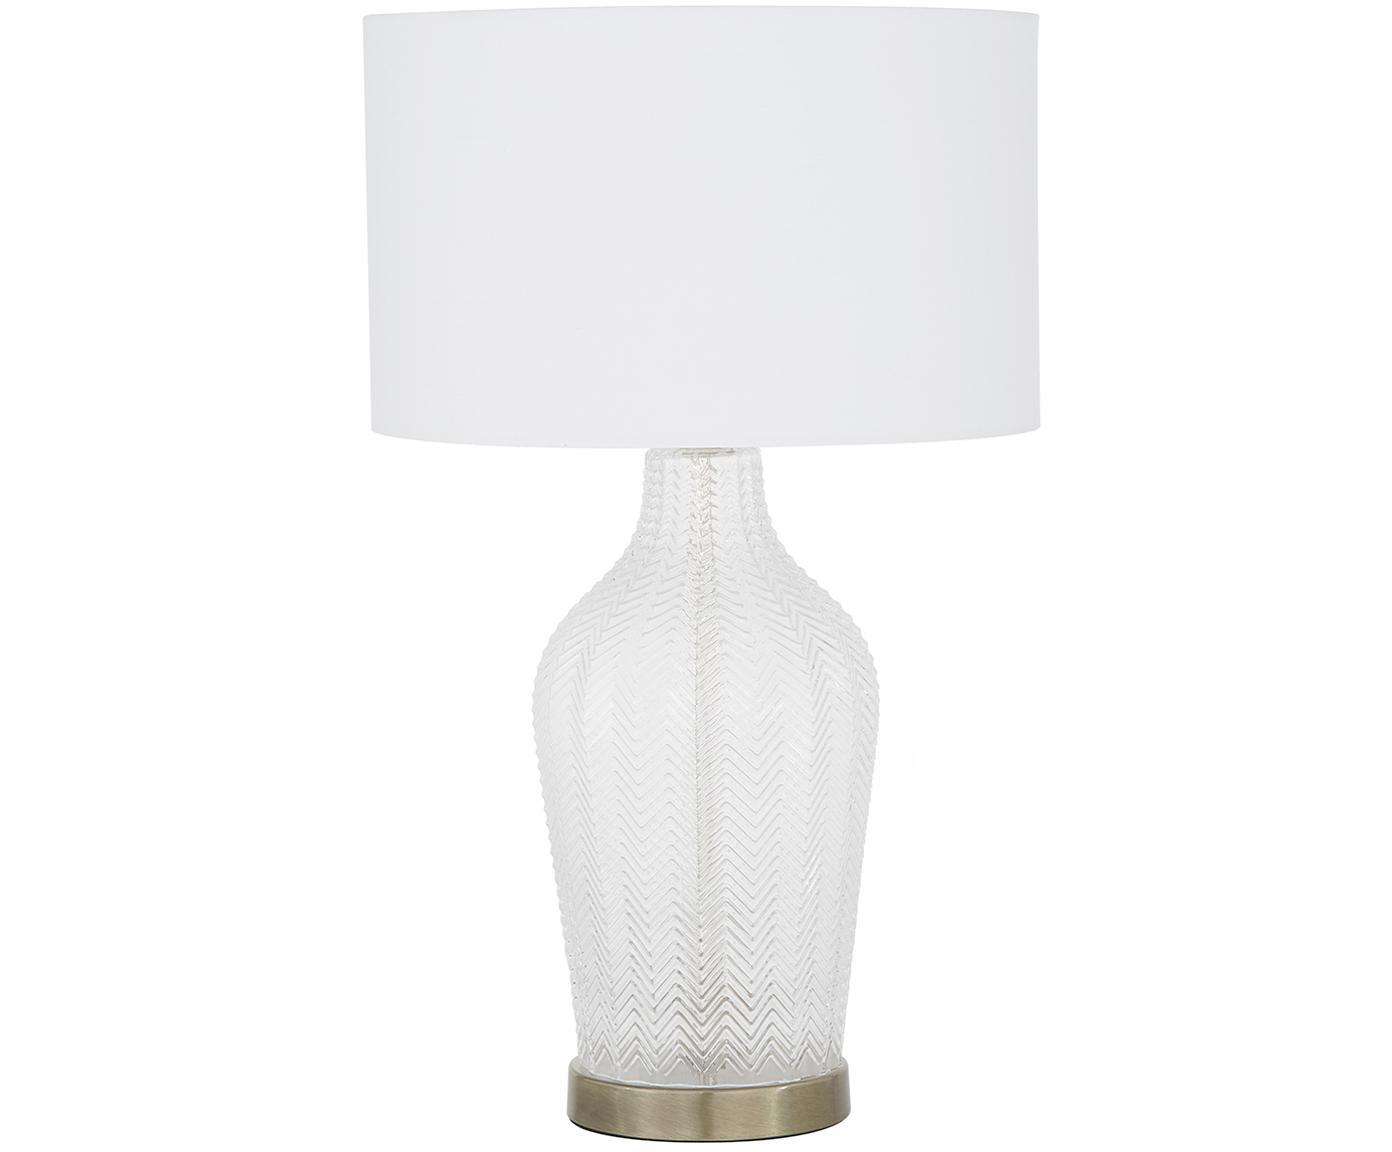 Tischleuchte Sue, Lampenschirm: Textil, Lampenfuß: Glas, Metall, vermessingt, Lampenschirm: WeissLampenfuss: Transparent, Messing, gebürstet, Ø 33 x H 55 cm